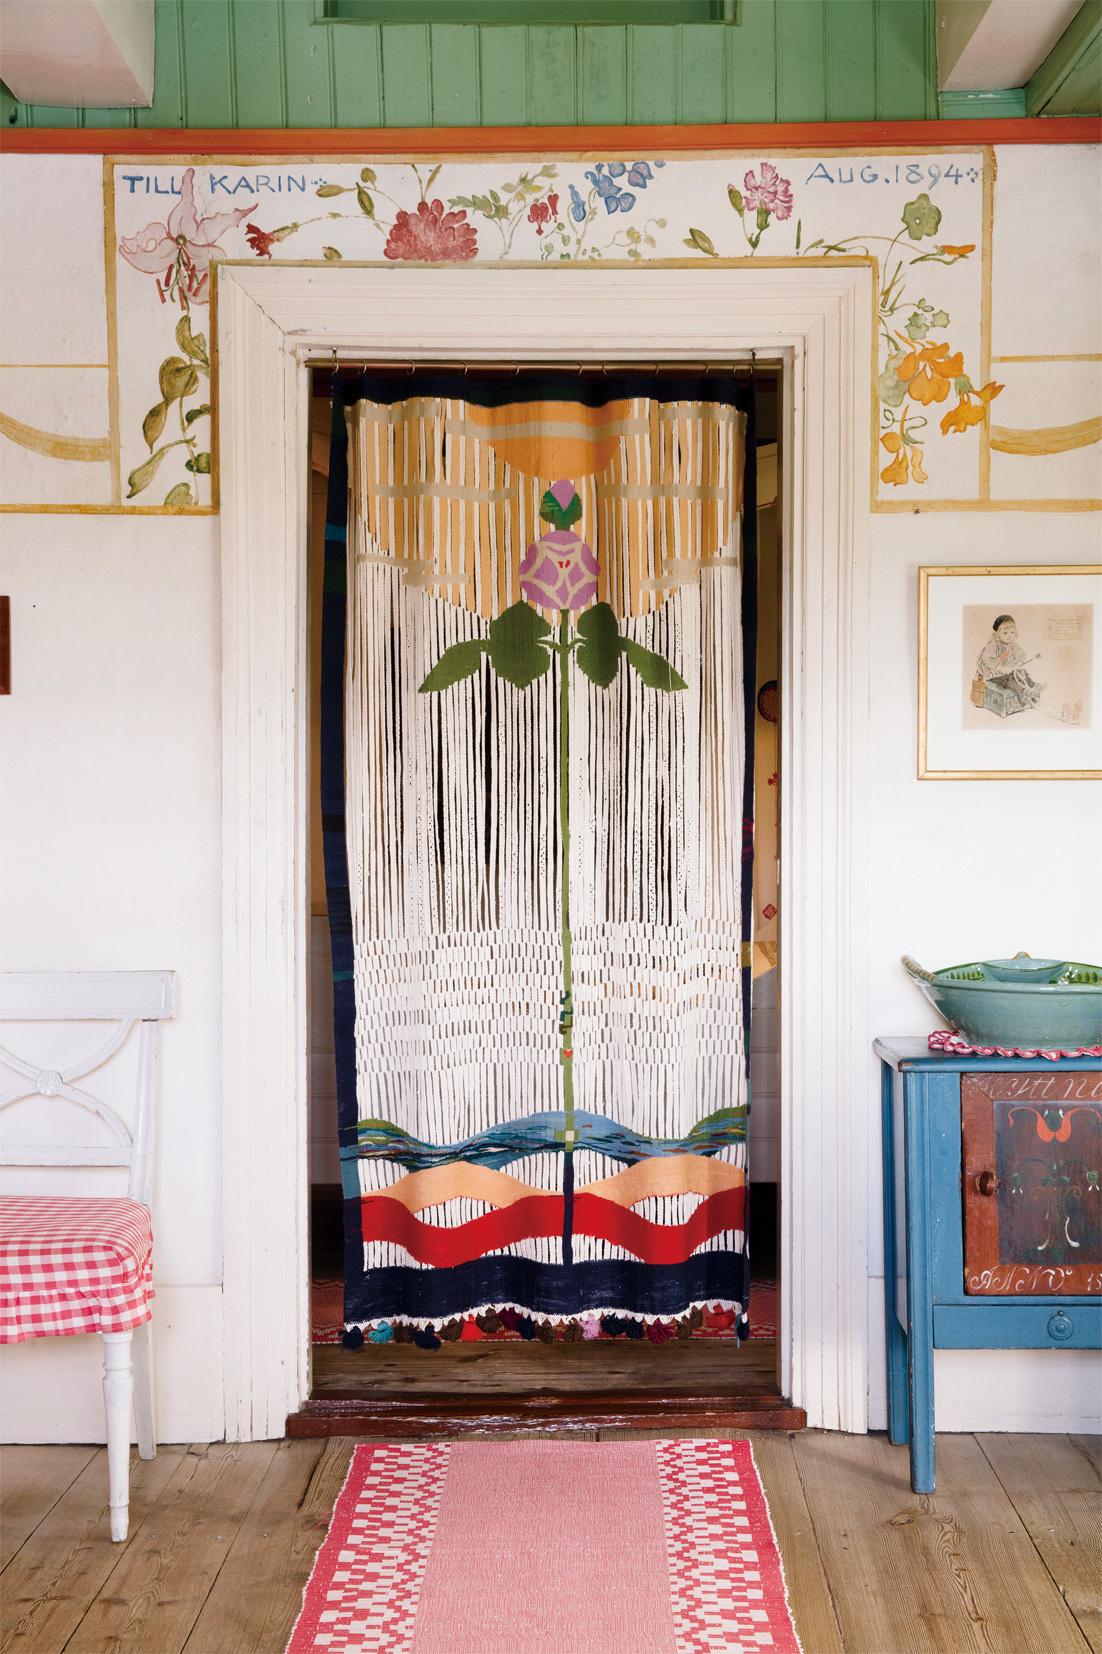 カーリンがデザインした扉のカーテン 《愛の薔薇》 カール・ラーション・ゴーデン (C) Carl Larsson-gården